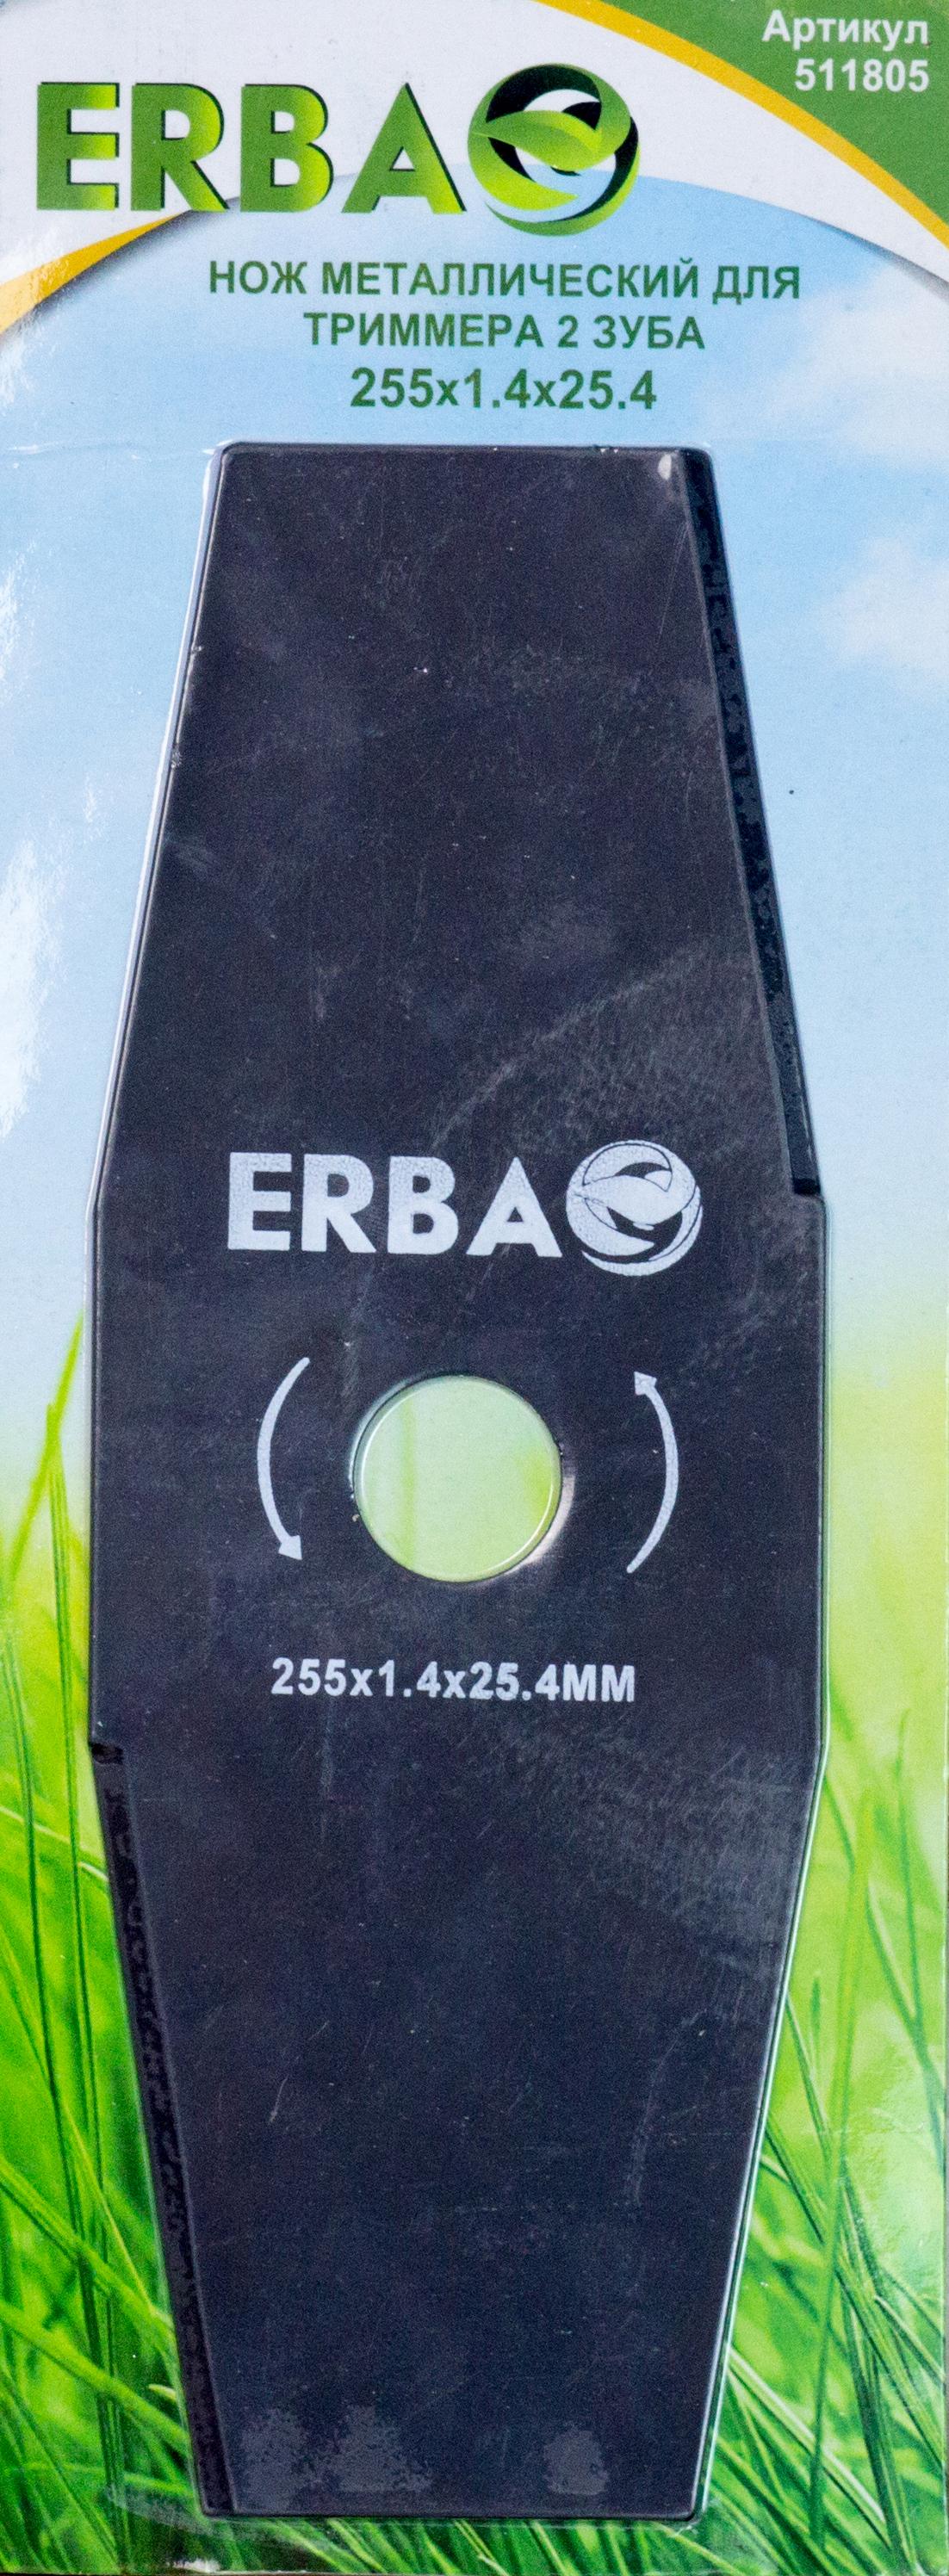 Нож для триммера Erba, 2 зуба, 25 х 2,54 см2615S545JBПредназначен для любого вида триммера, где предусмотрена установка ножа. Для скашивания жесткой и сухой травы.